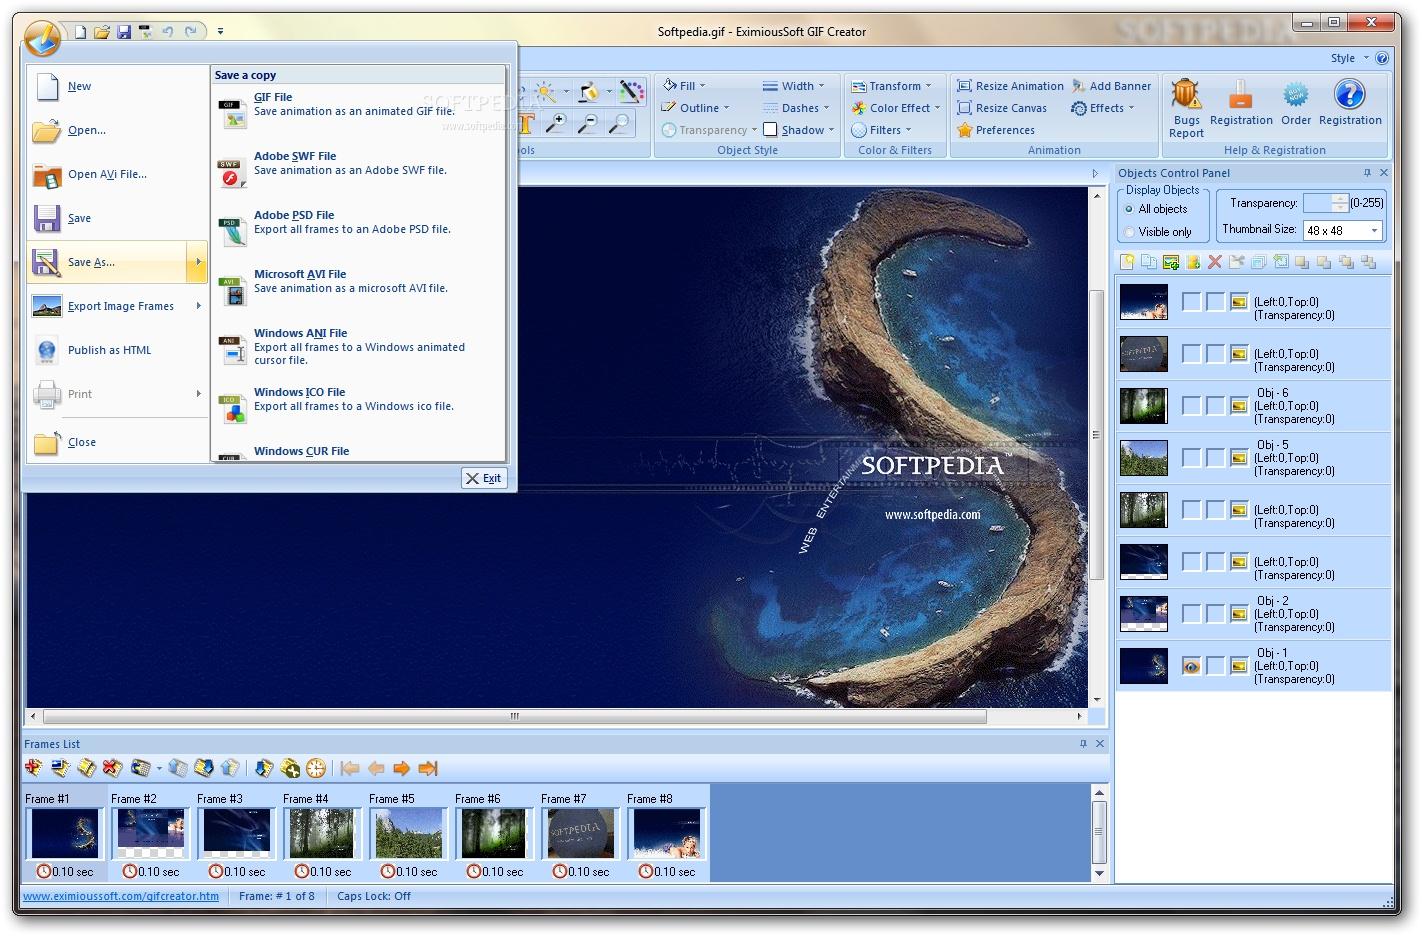 EximiousSoft GIF Creator 5 دانلود EximiousSoft GIF Creator 7 21 نرم افزار طراحی تصاویر متحرک GIF